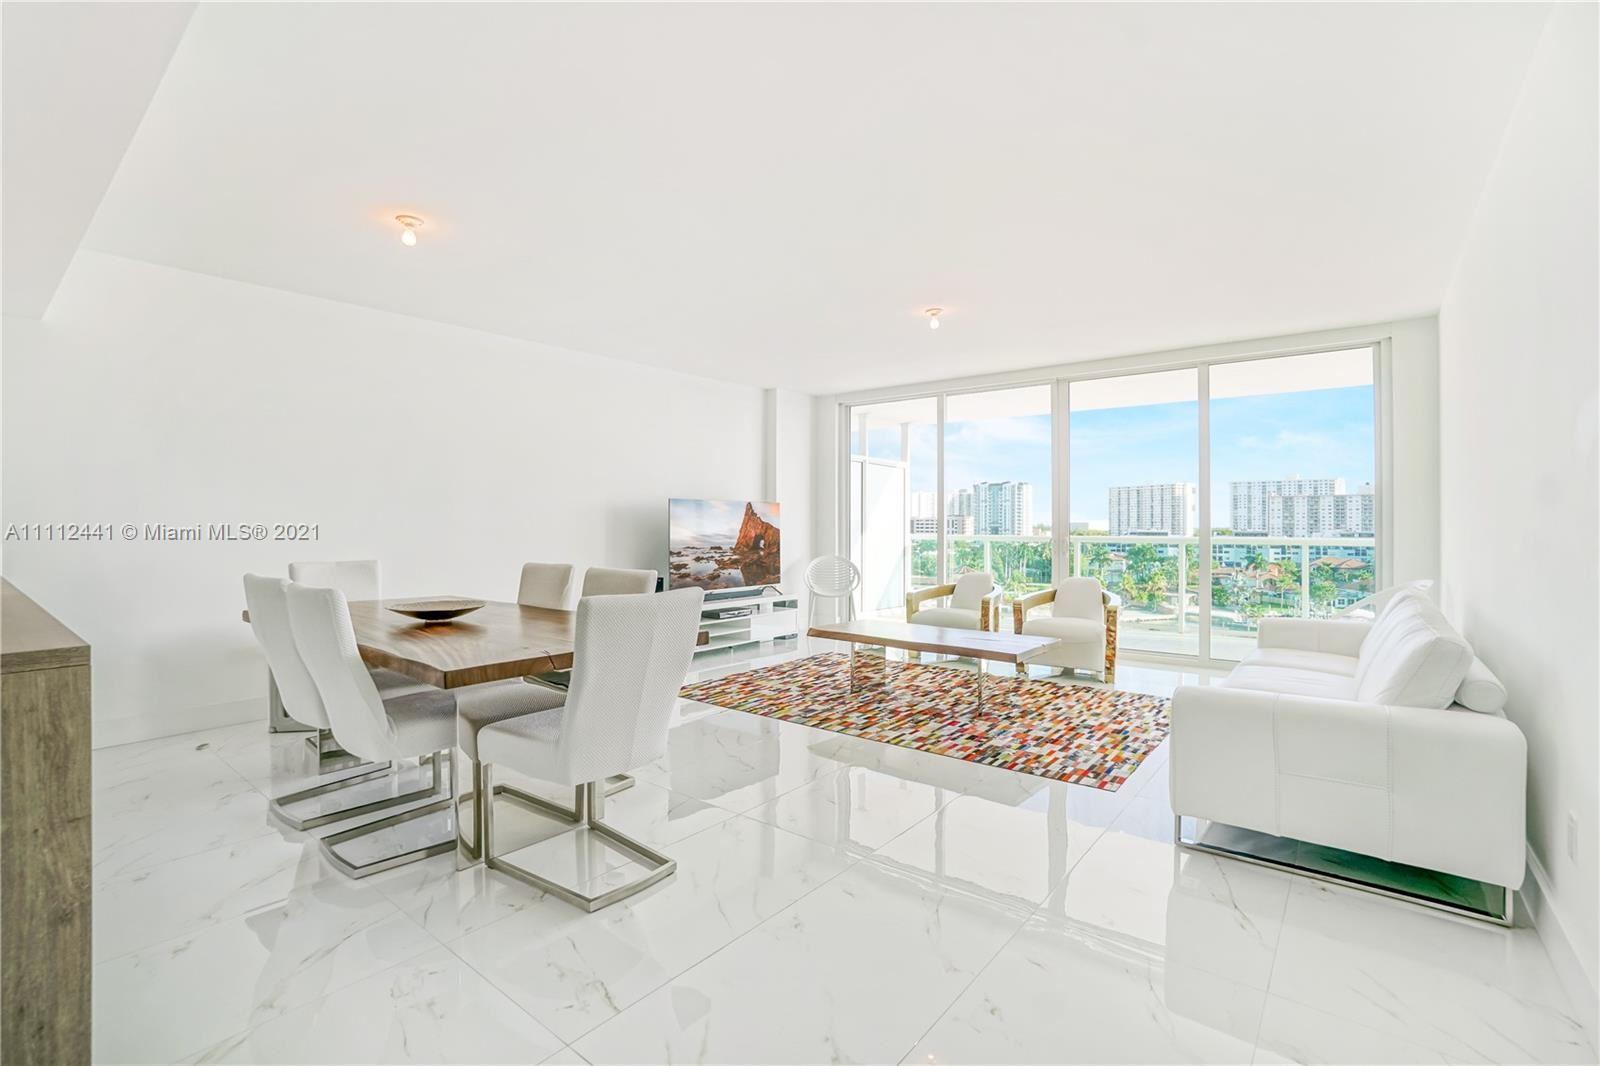 Photo of 400 Sunny Isles Blvd #718, Sunny Isles Beach, FL 33160 (MLS # A11112441)